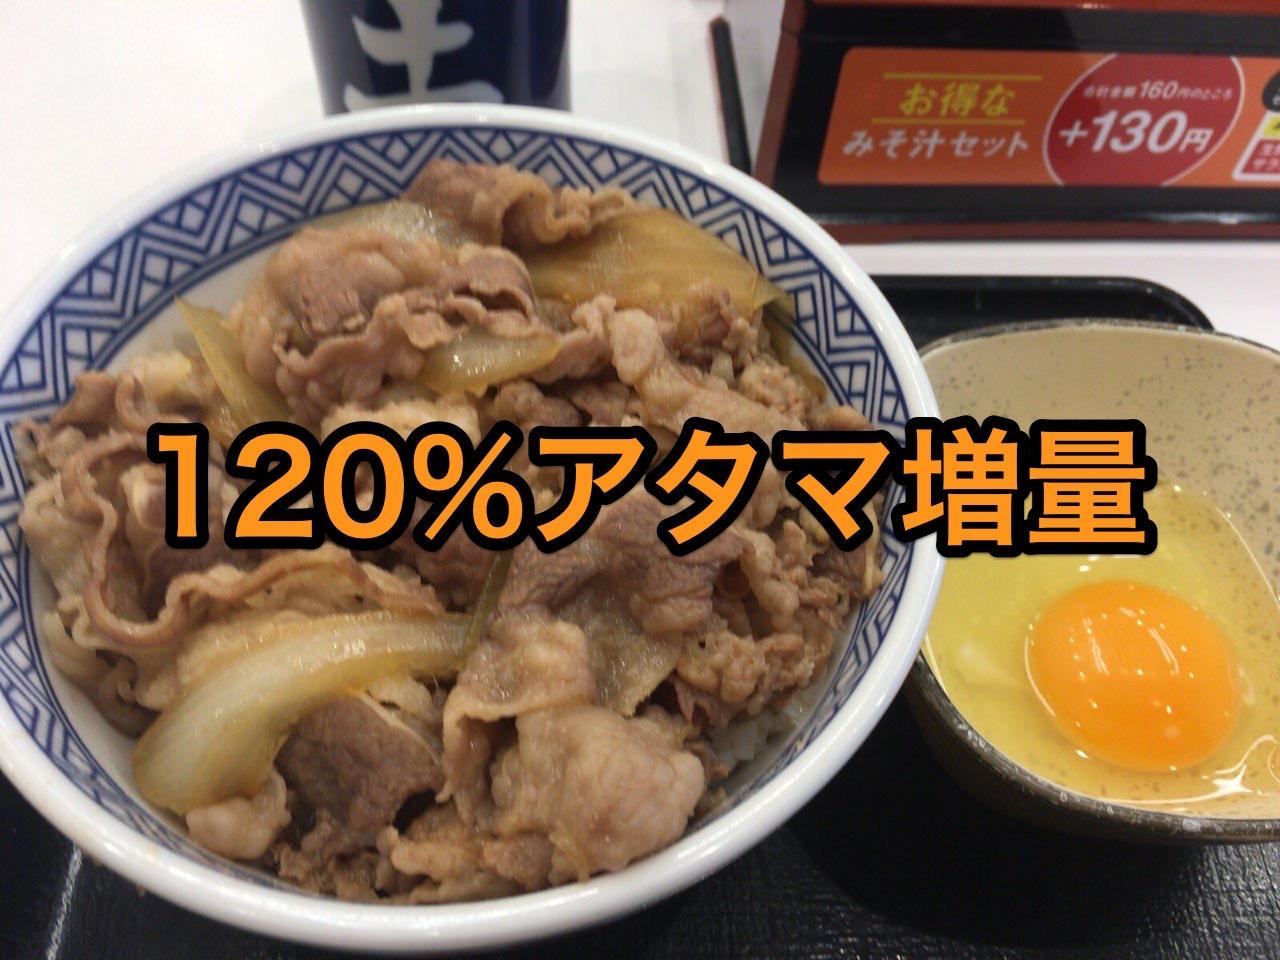 アタマ120%増量した牛丼並盛